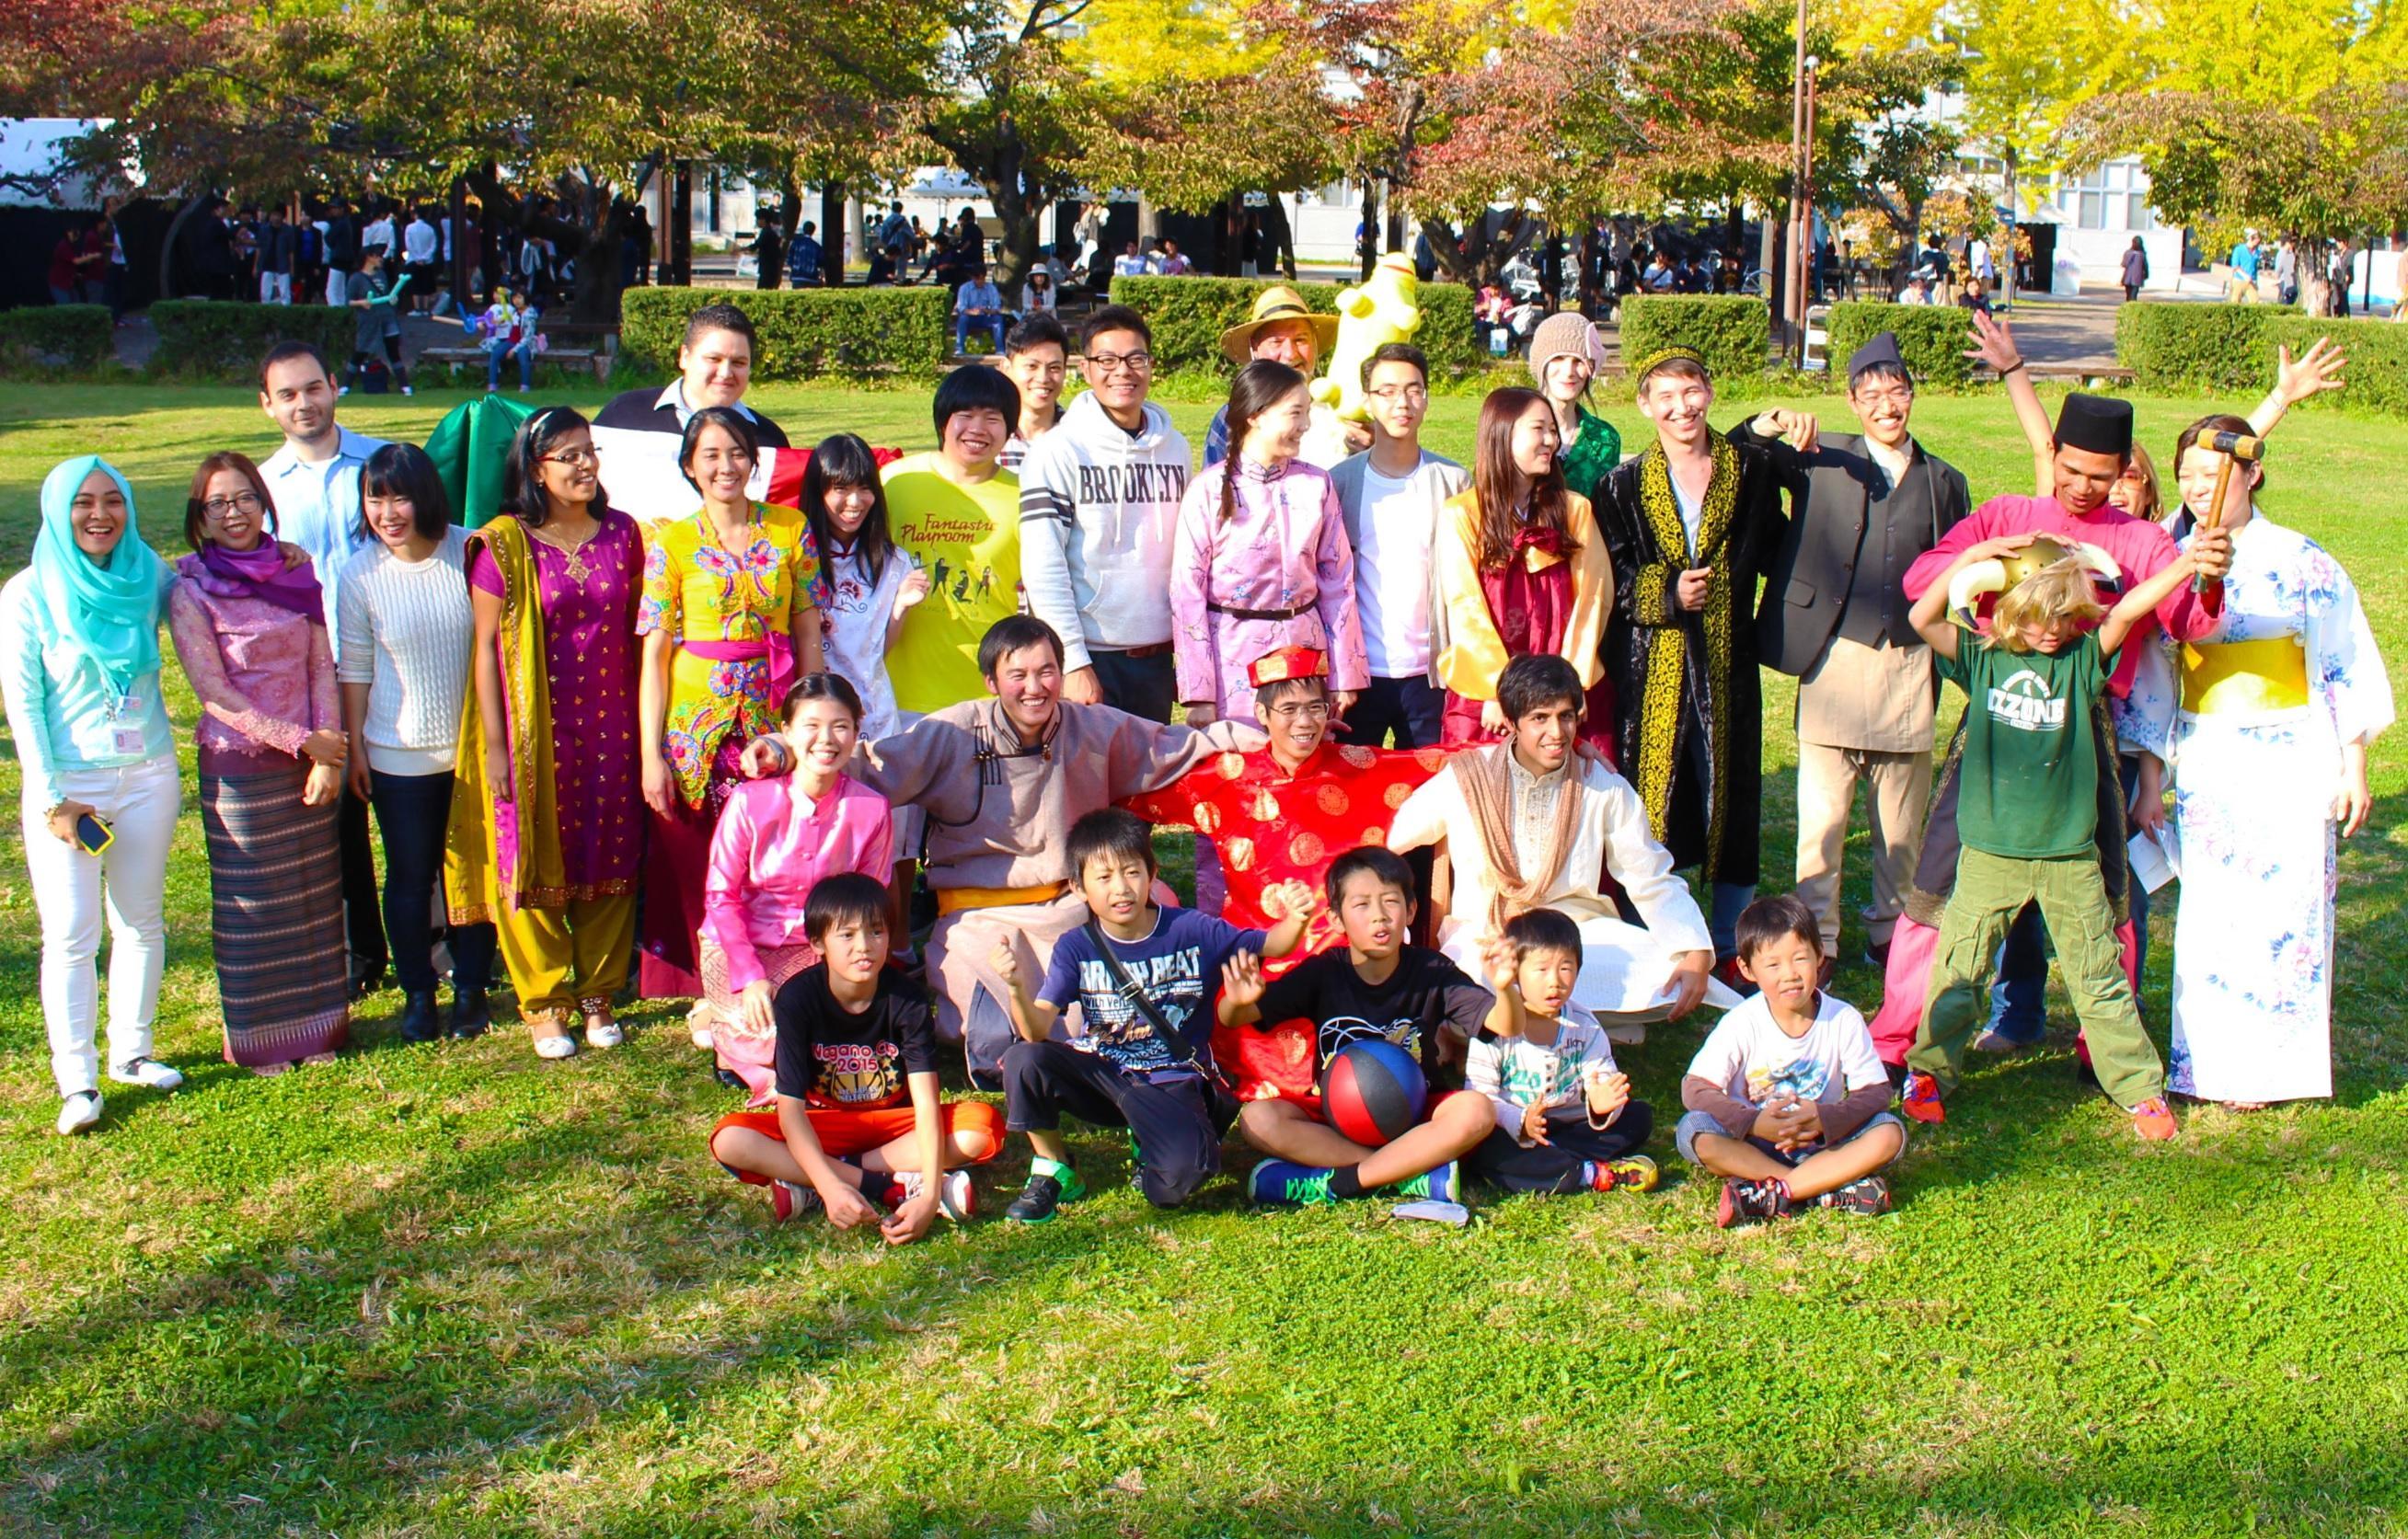 http://www.shinshu-u.ac.jp/faculty/engineering/international_2017/images/20151017.jpg